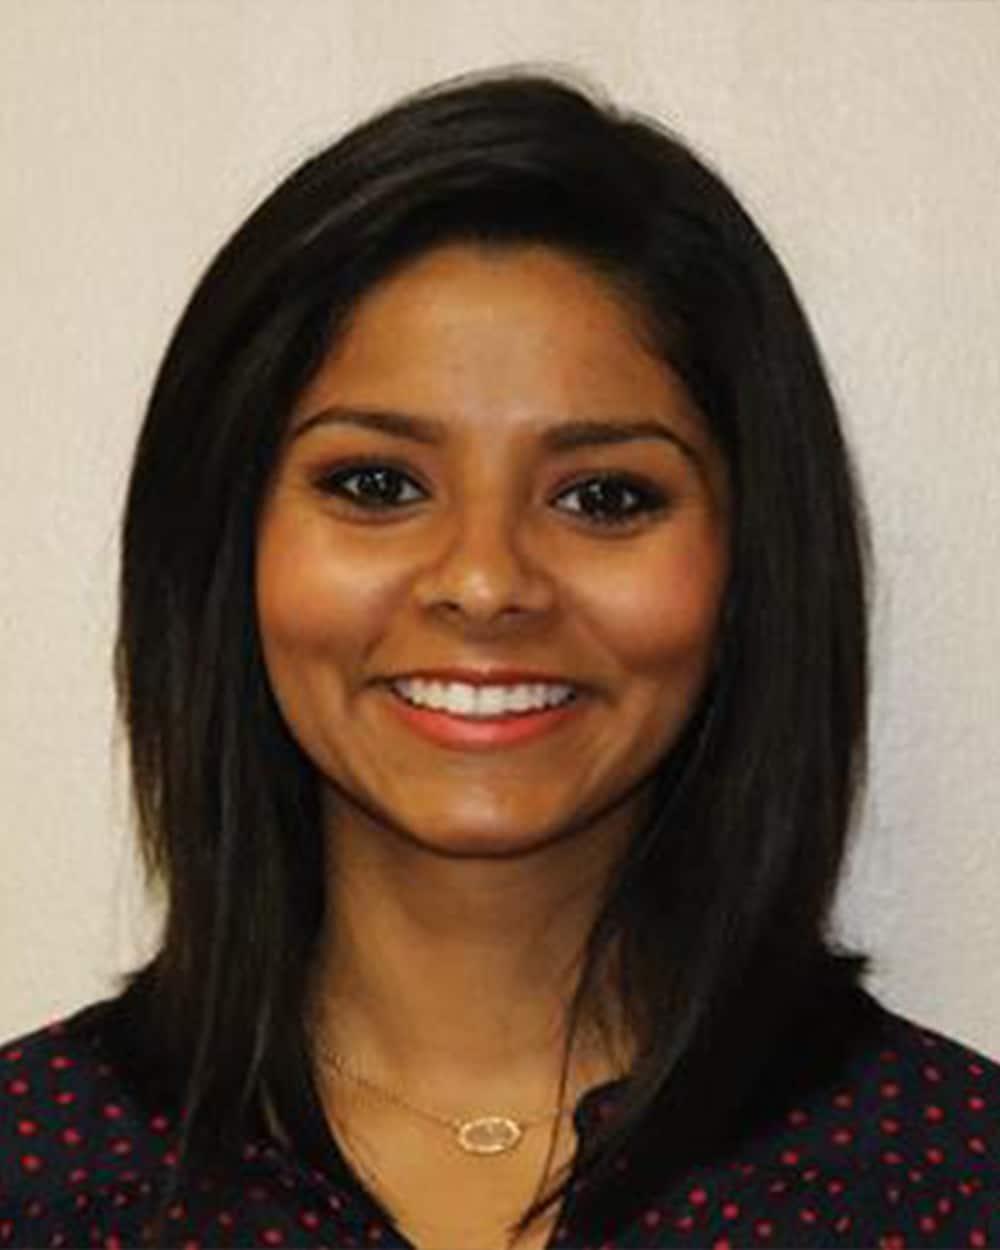 mahmuda farha ahmed do - Fort Worth EM Residency Program